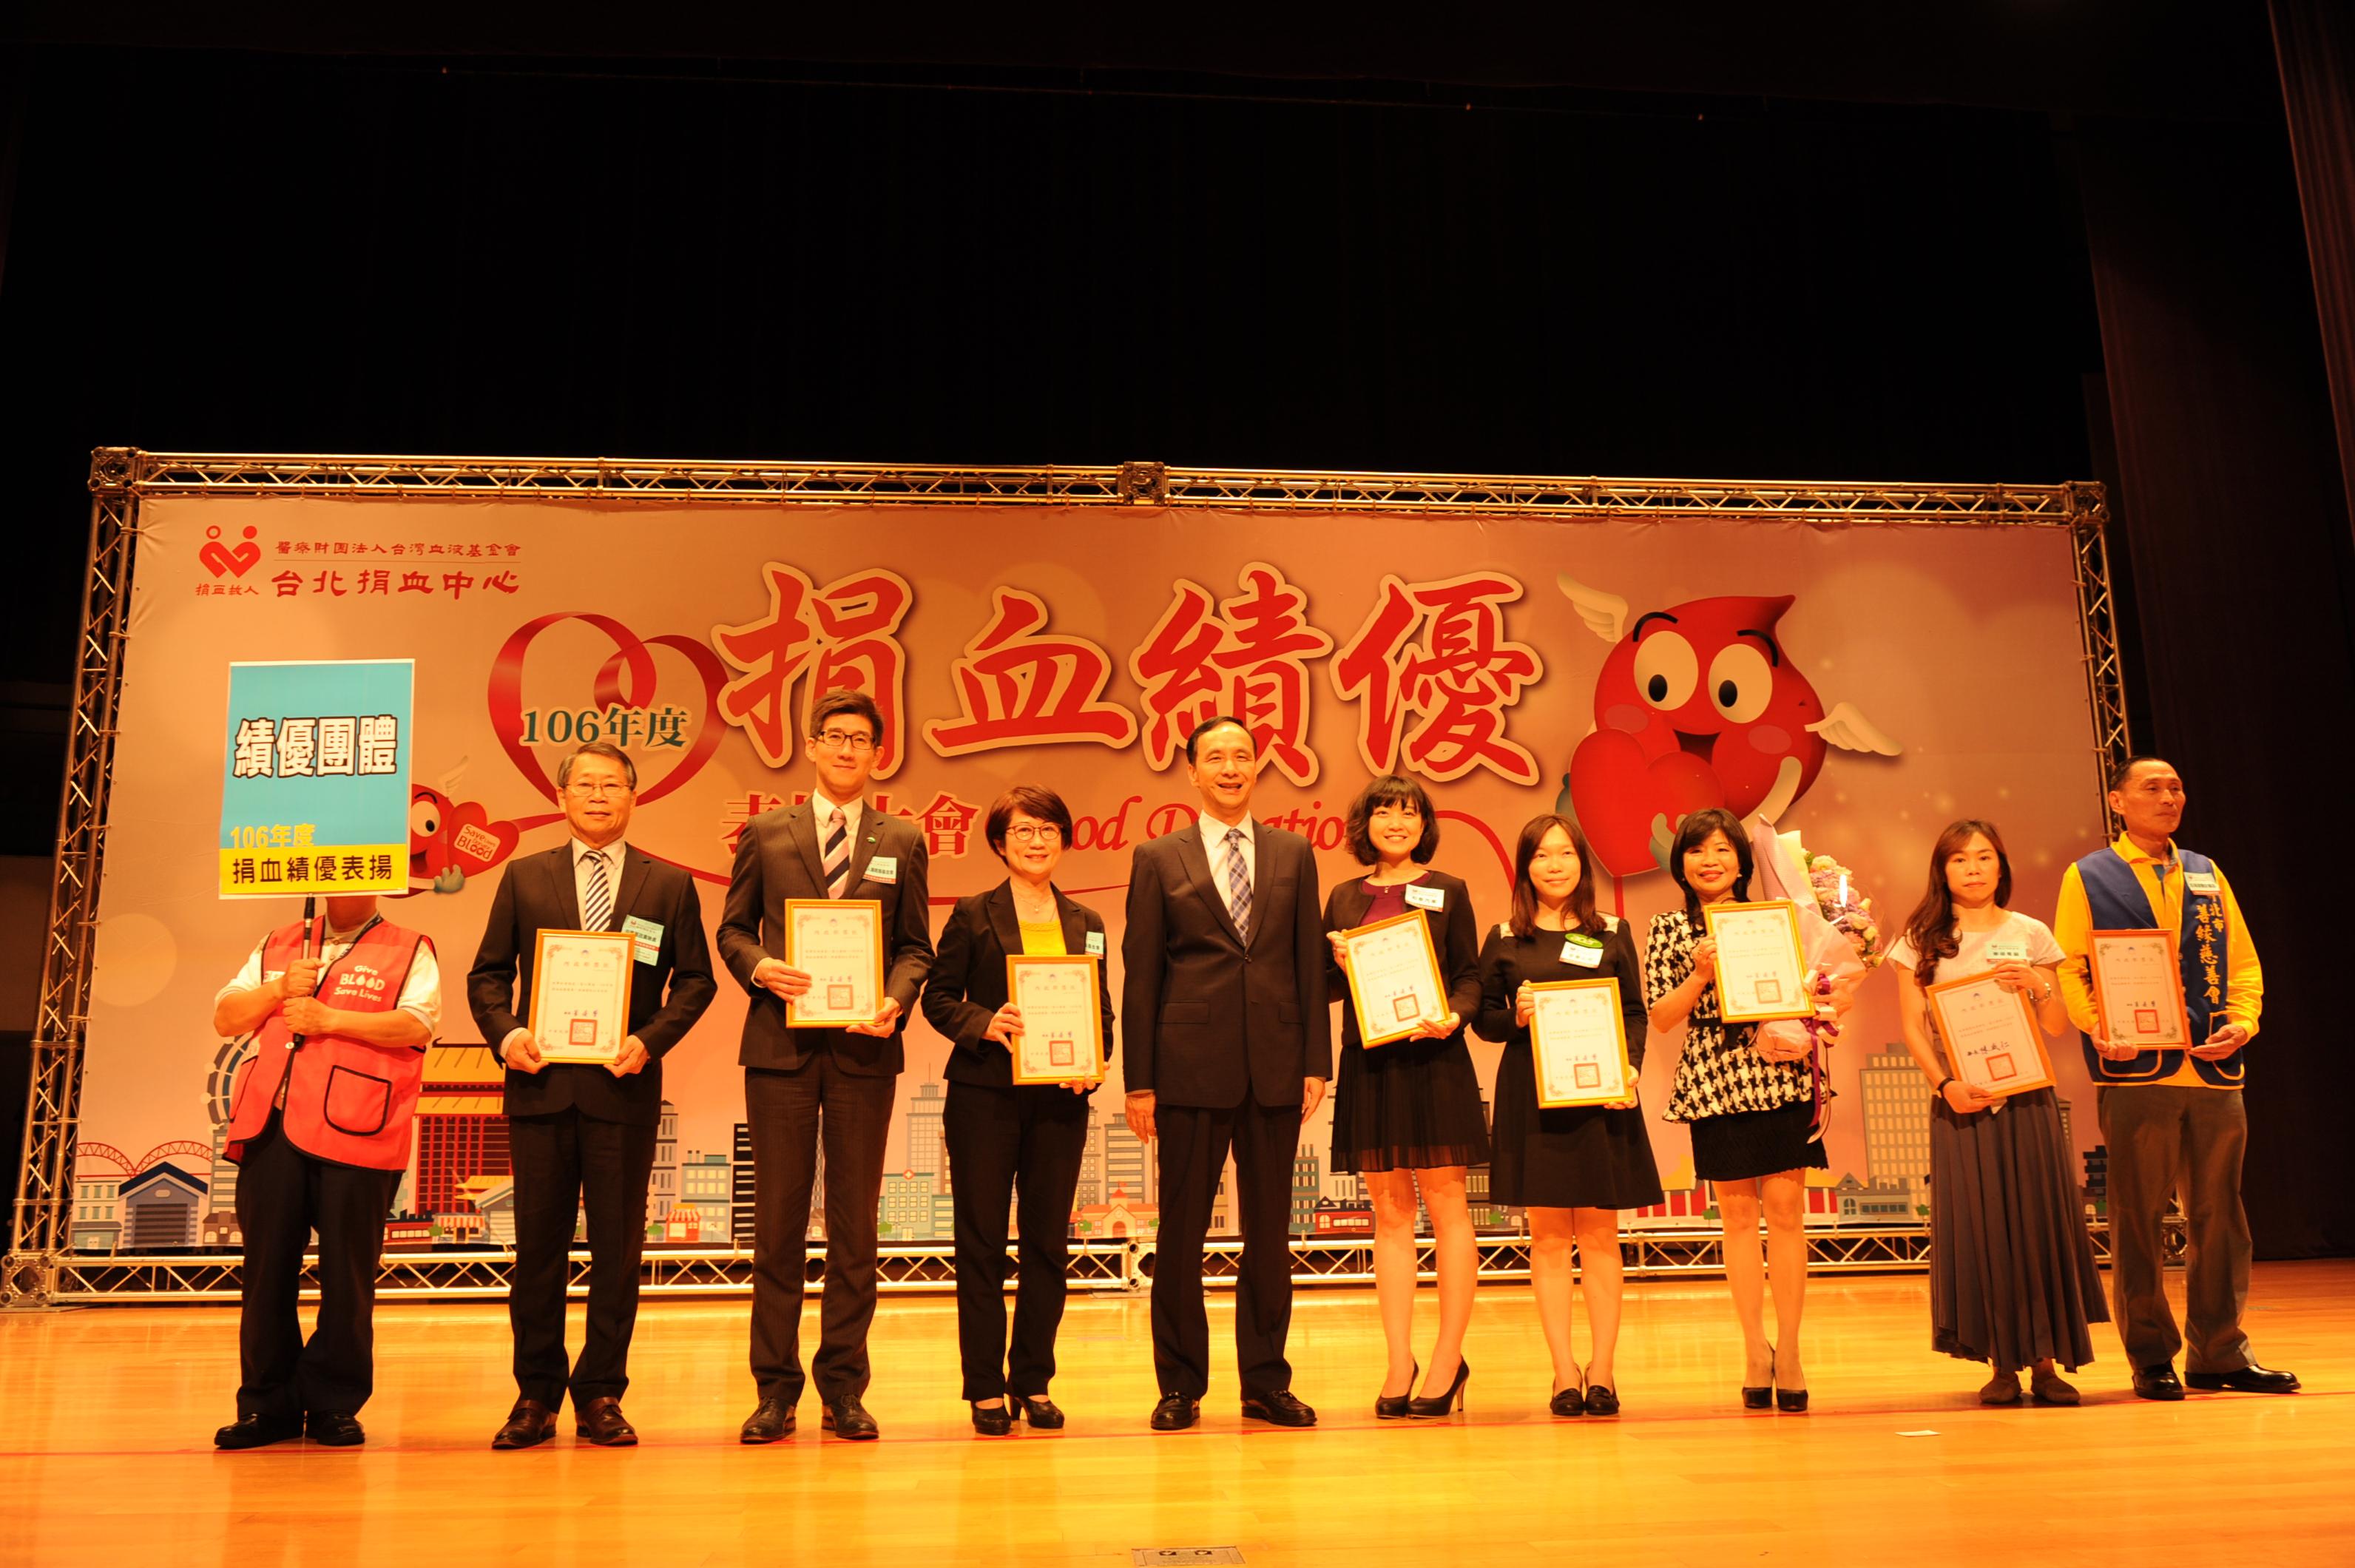 本公司榮獲106年度捐血績優團體獎